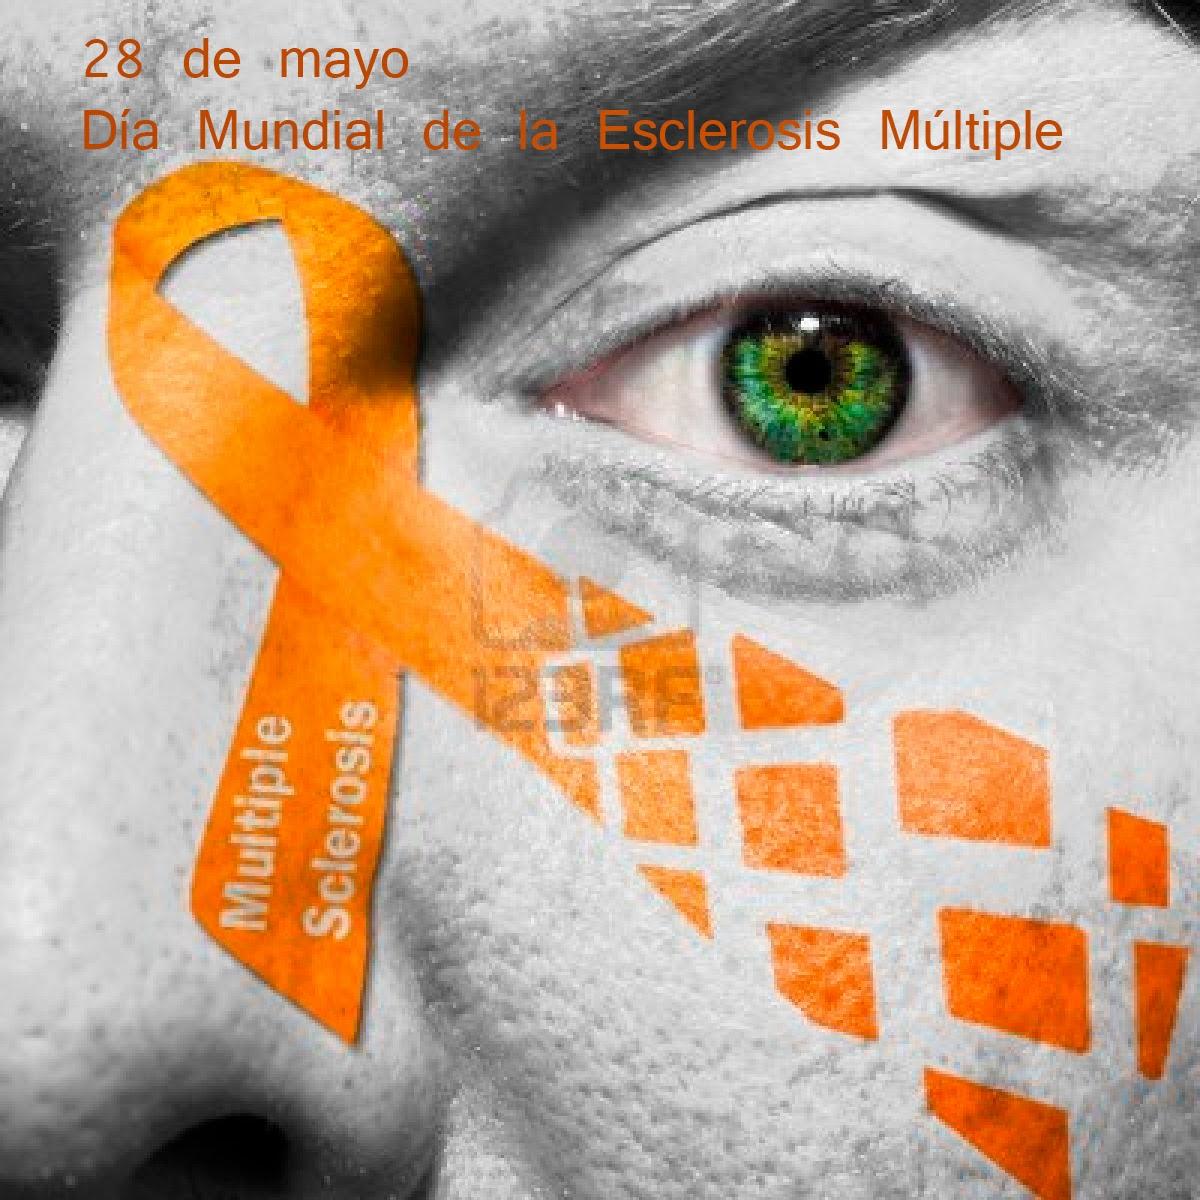 El último miercoles de mayo es el día mundial de la esclerosis múltiple